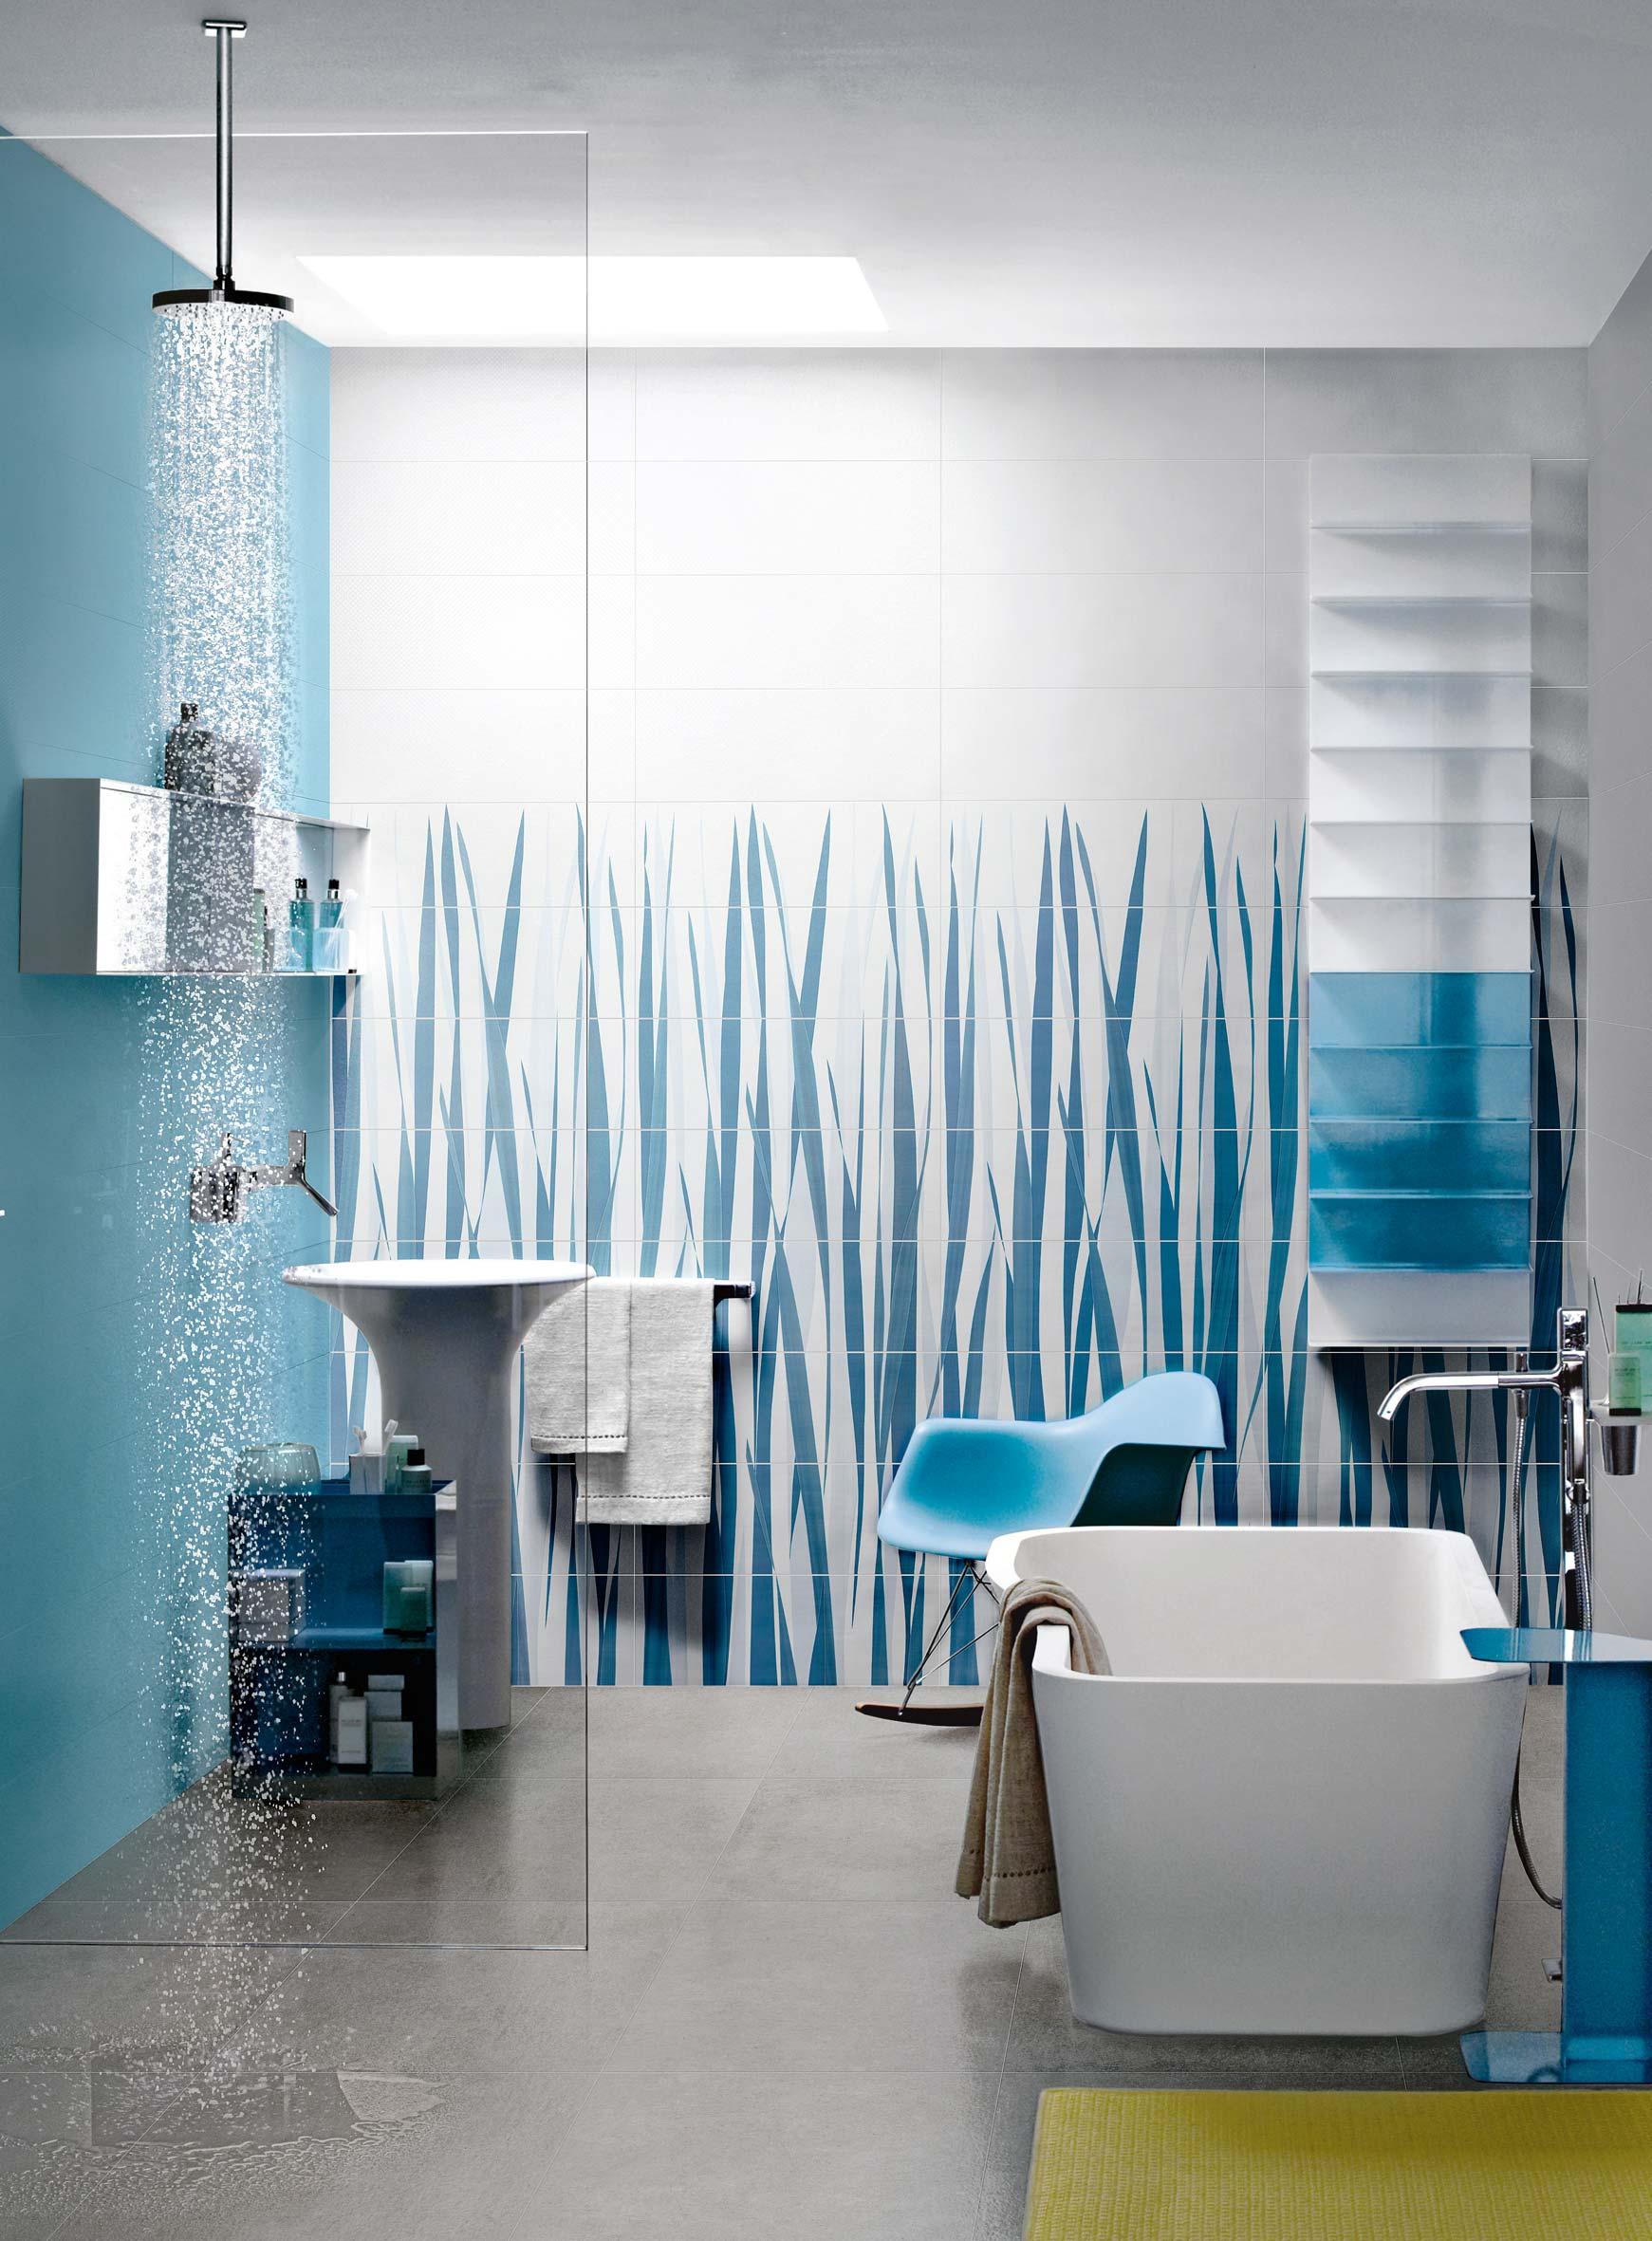 Bagni a mosaico azzurro e blu bagni colorati t bagno - Mosaico blu bagno ...